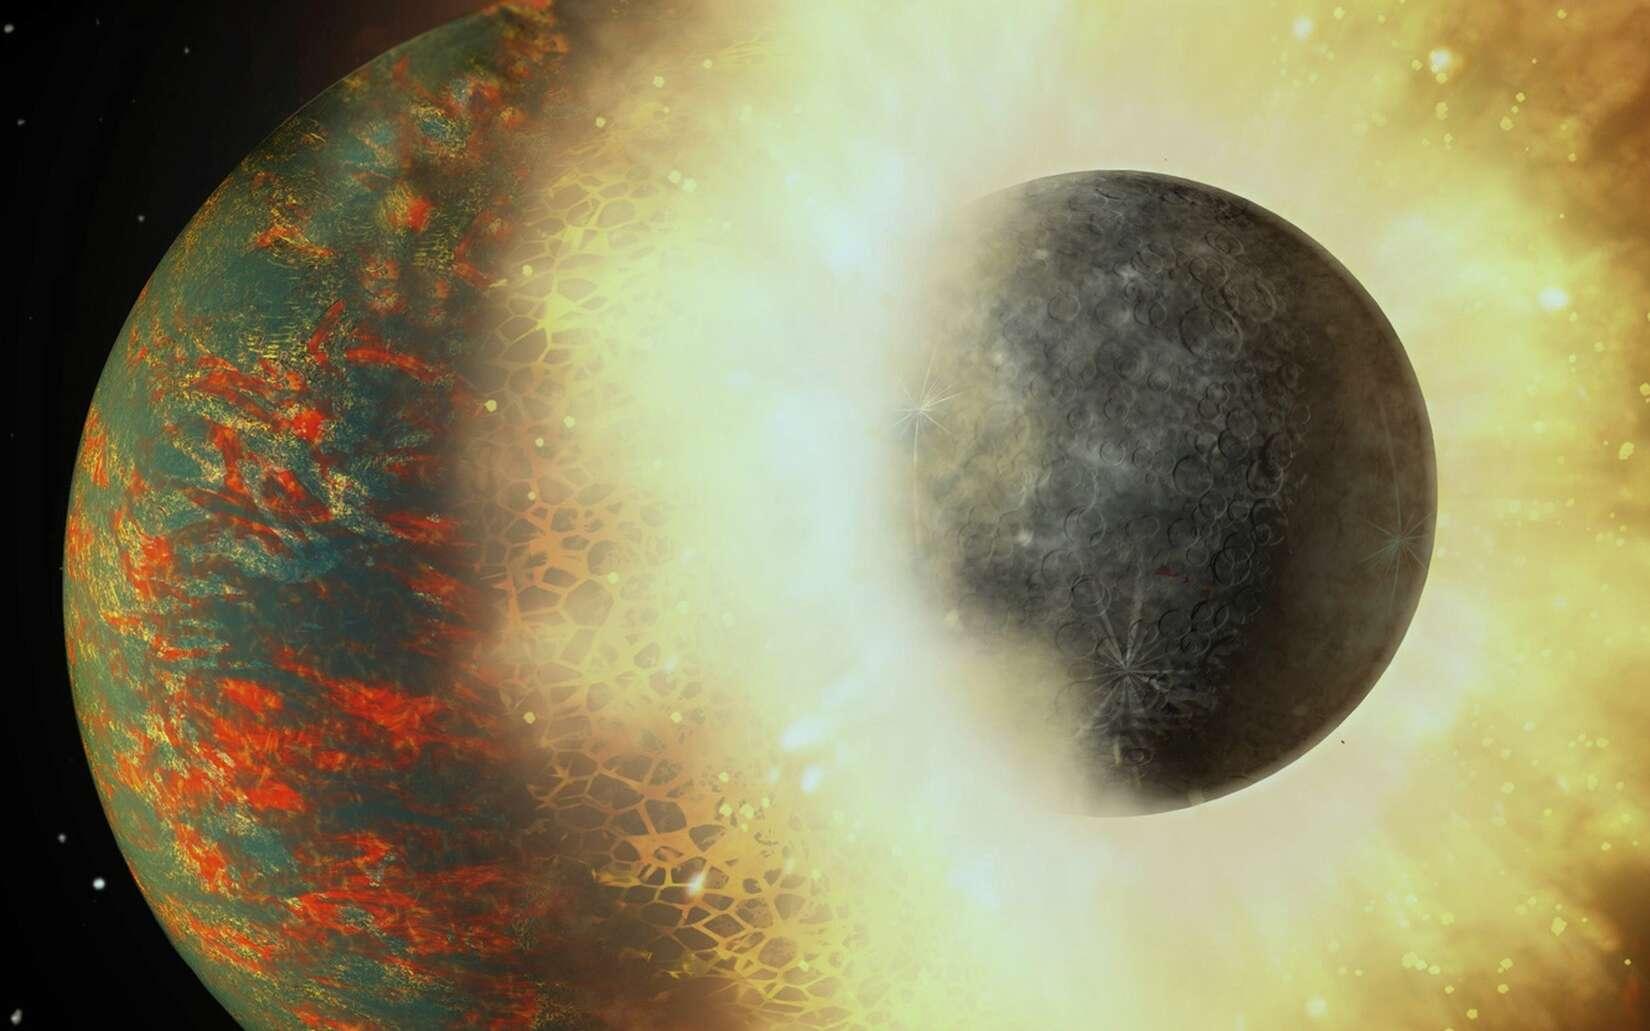 Dans sa prime jeunesse, environ 100 millions d'années après sa naissance, la Terre serait entrée en collision avec une protoplanète comparable à Mercure. © A. Passwaters, Rice University, Nasa, JPL-Caltech